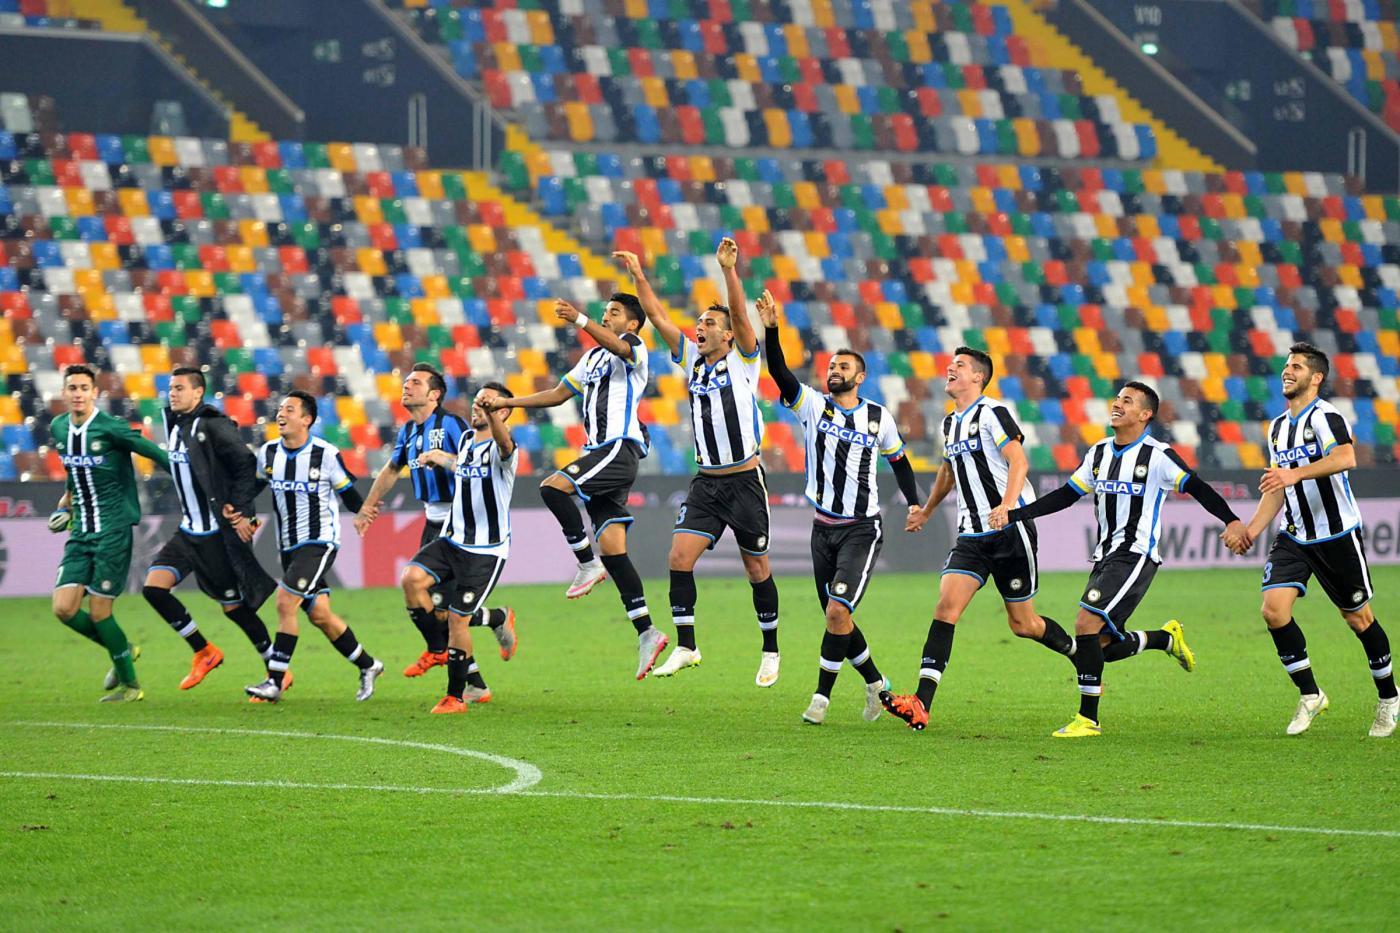 Qualificazioni Europei 2019 Under 21: analisi e pronostico di tutte le partite in programma il 5 settembre 2017